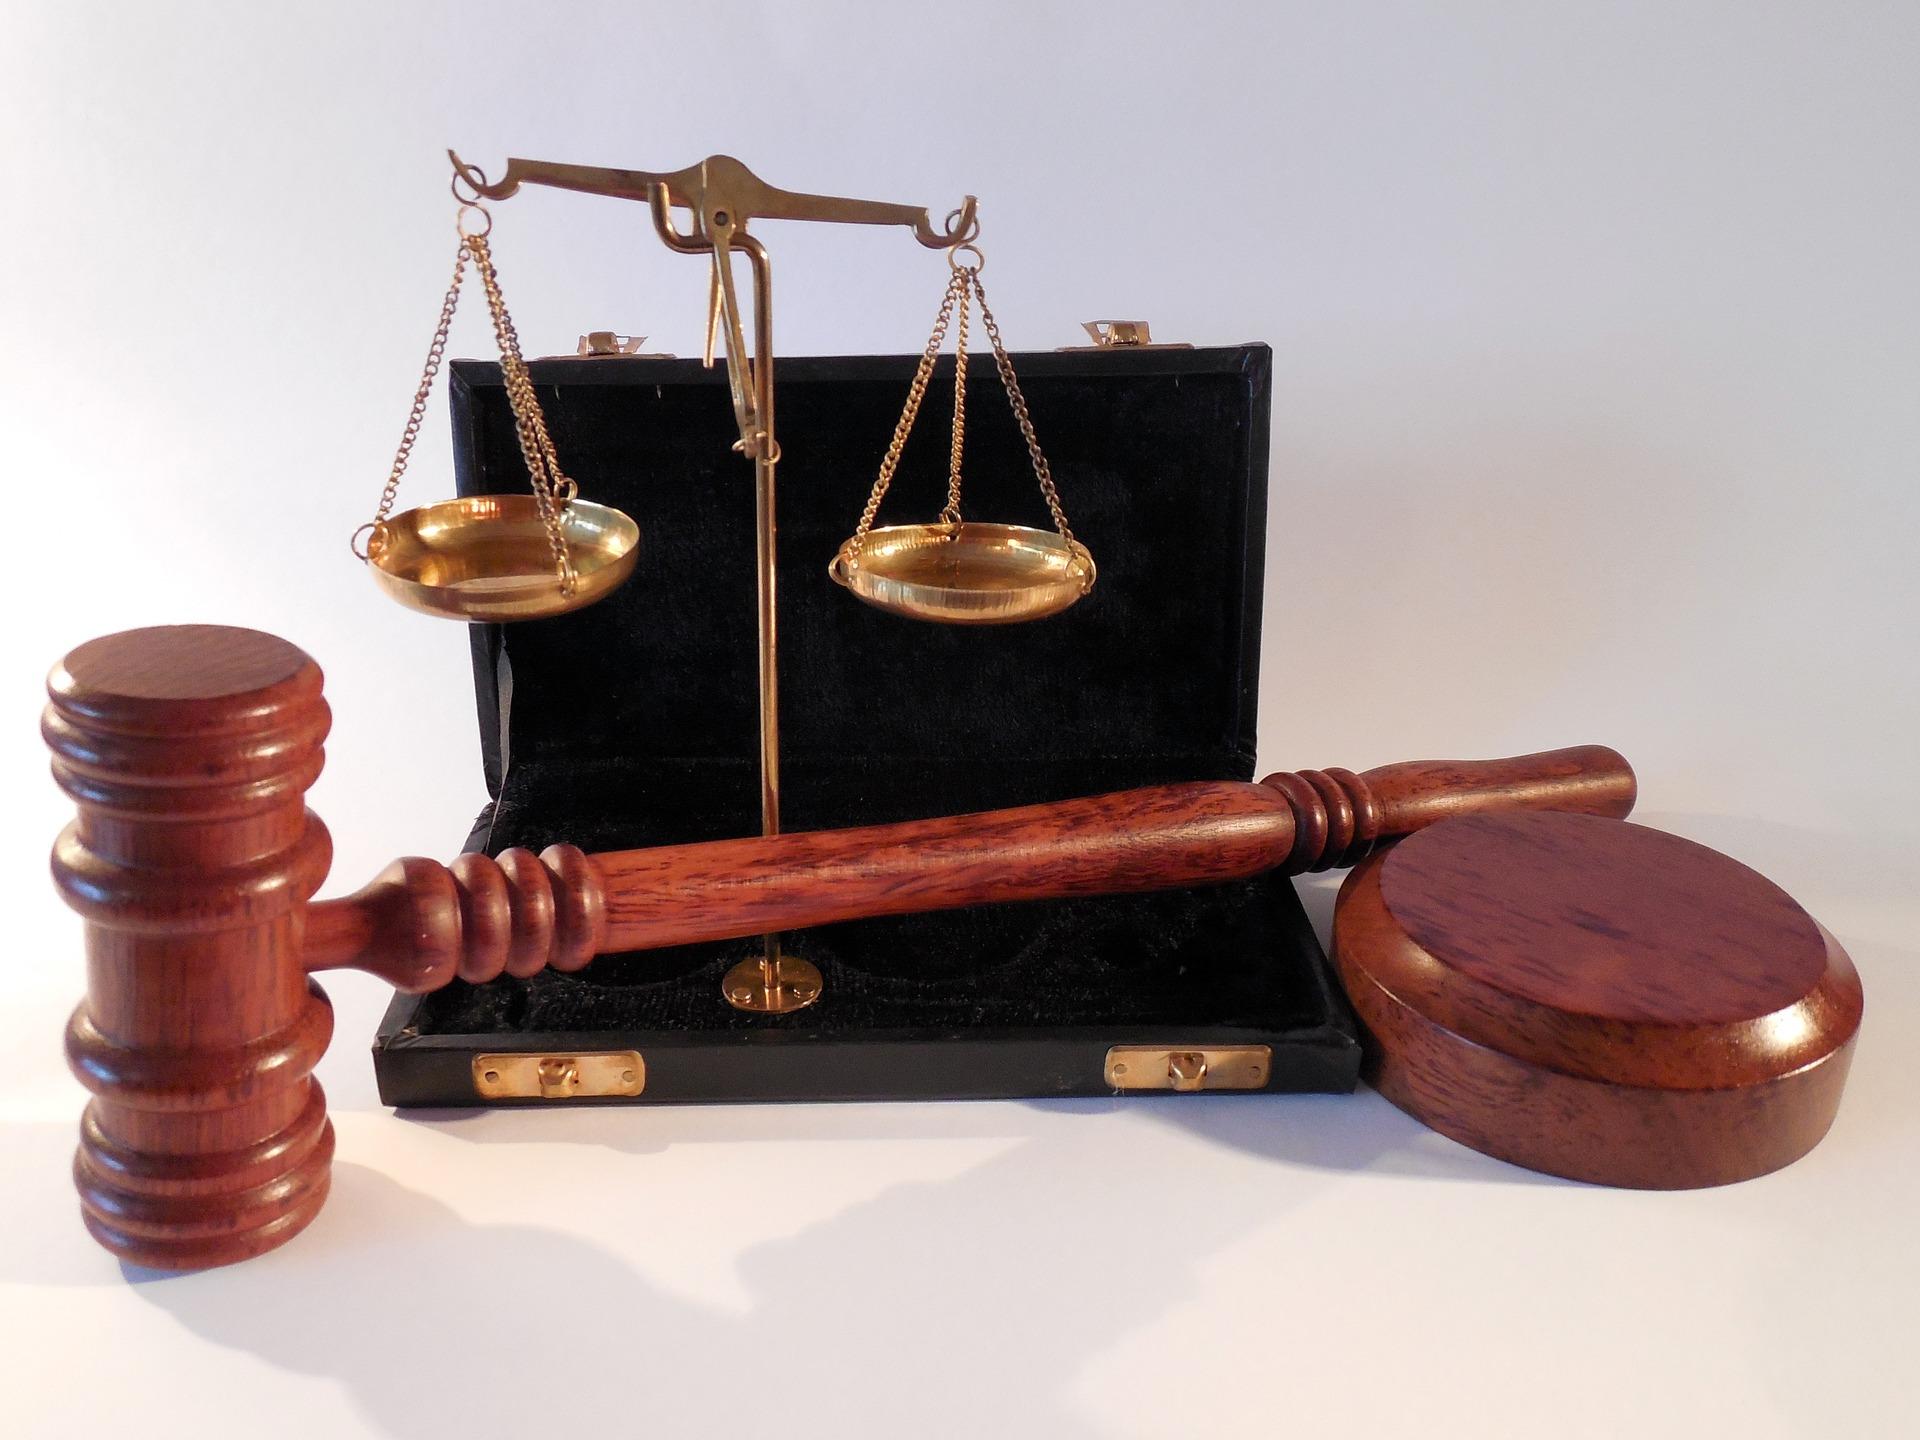 Erwachsenenschutzgesetz